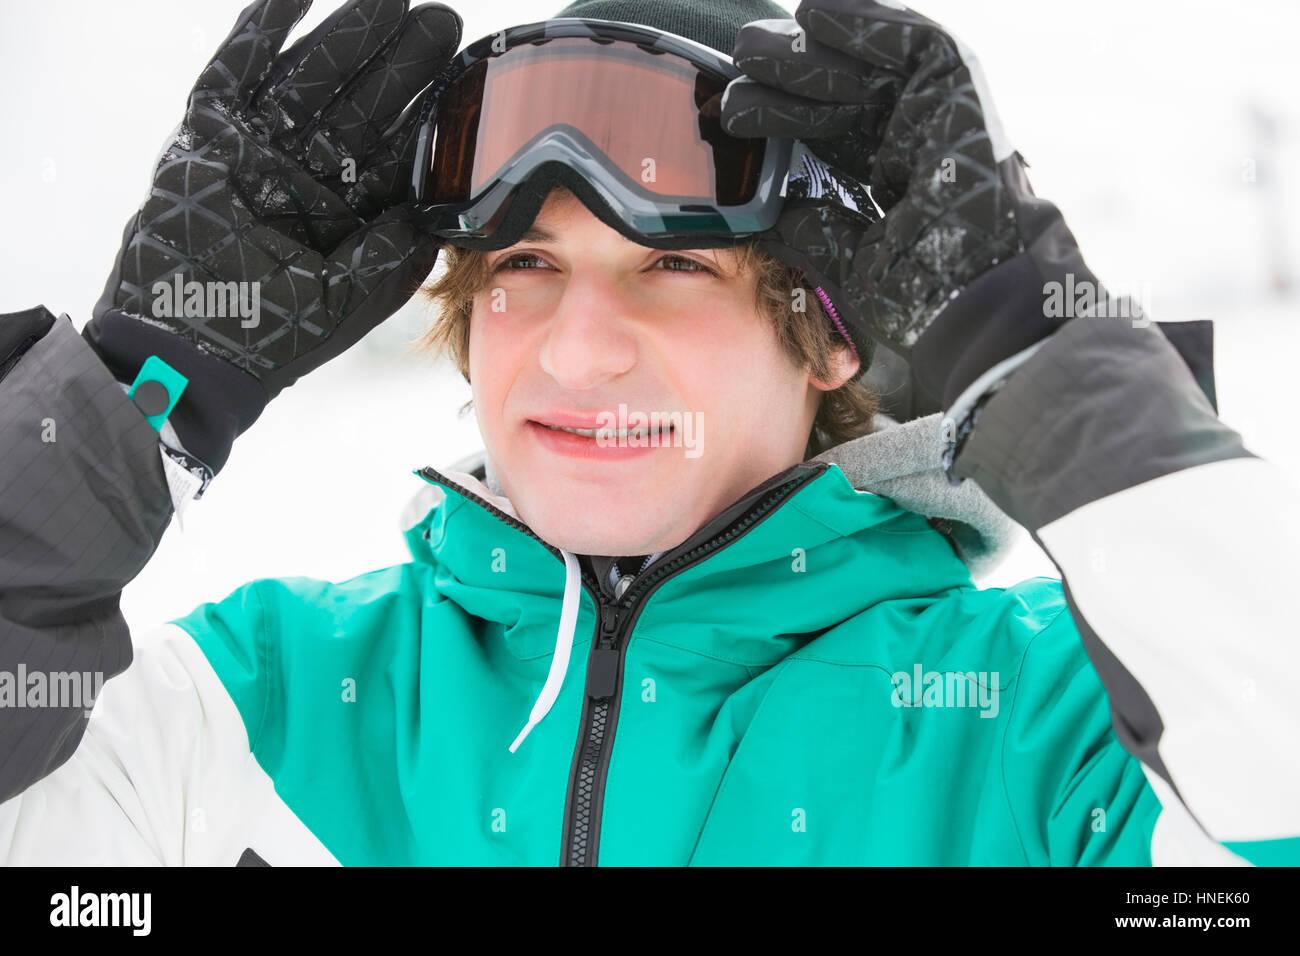 Bel giovane uomo che indossa gli occhiali da sci all'aperto Immagini Stock